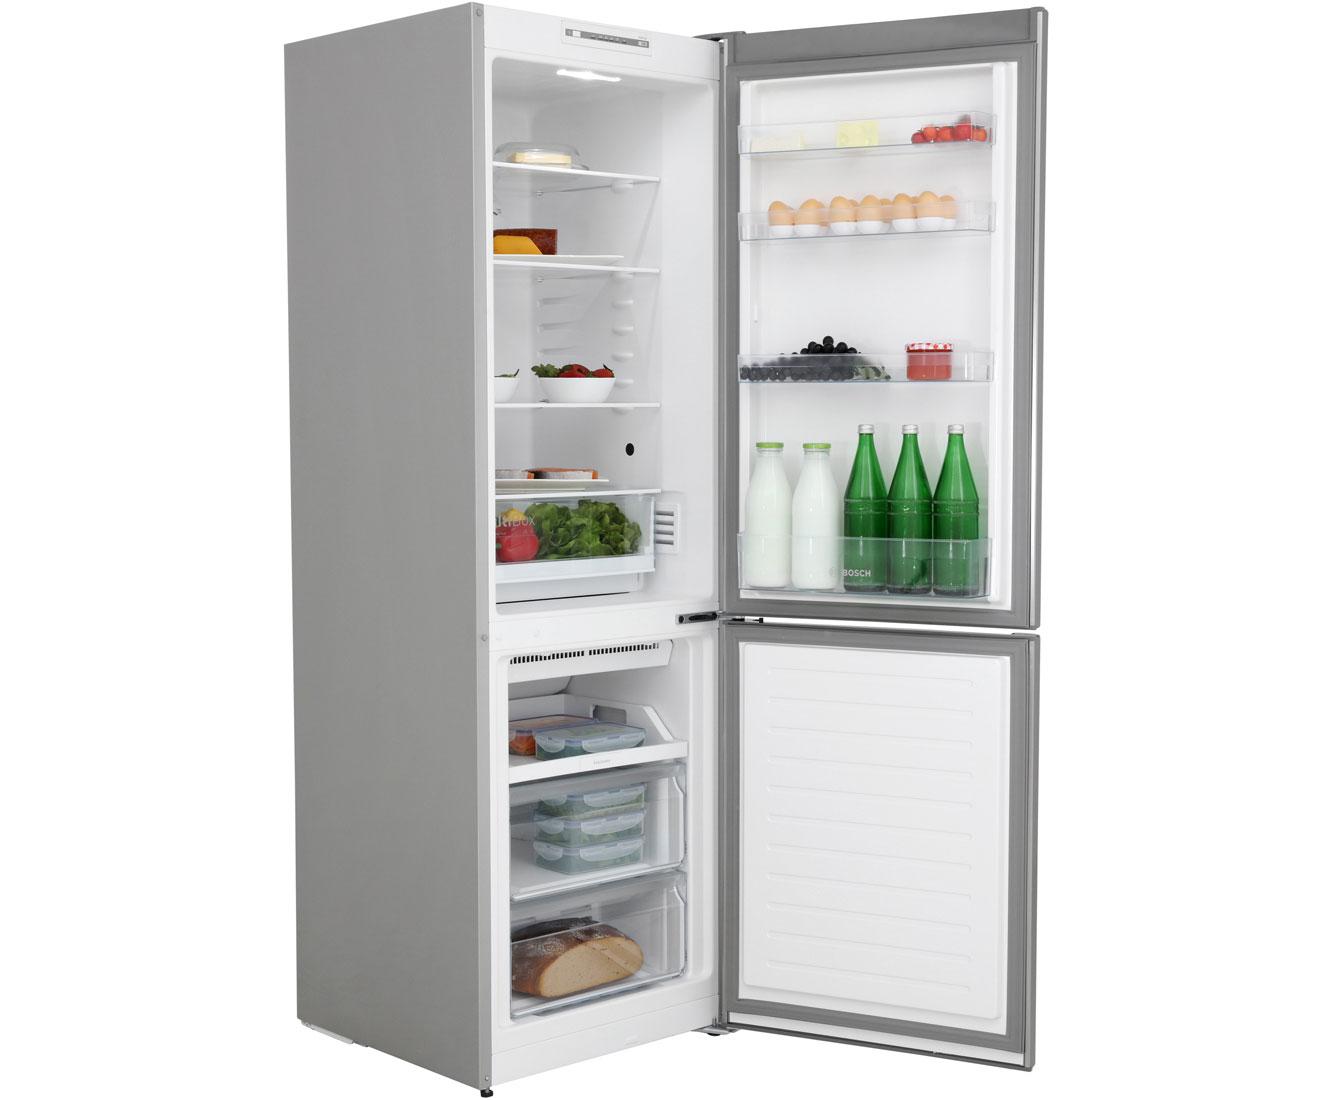 Bomann Kühlschrank Dtr 351 : Bomann kühlschrank creme bomann kühlschrank creme kühlschränke